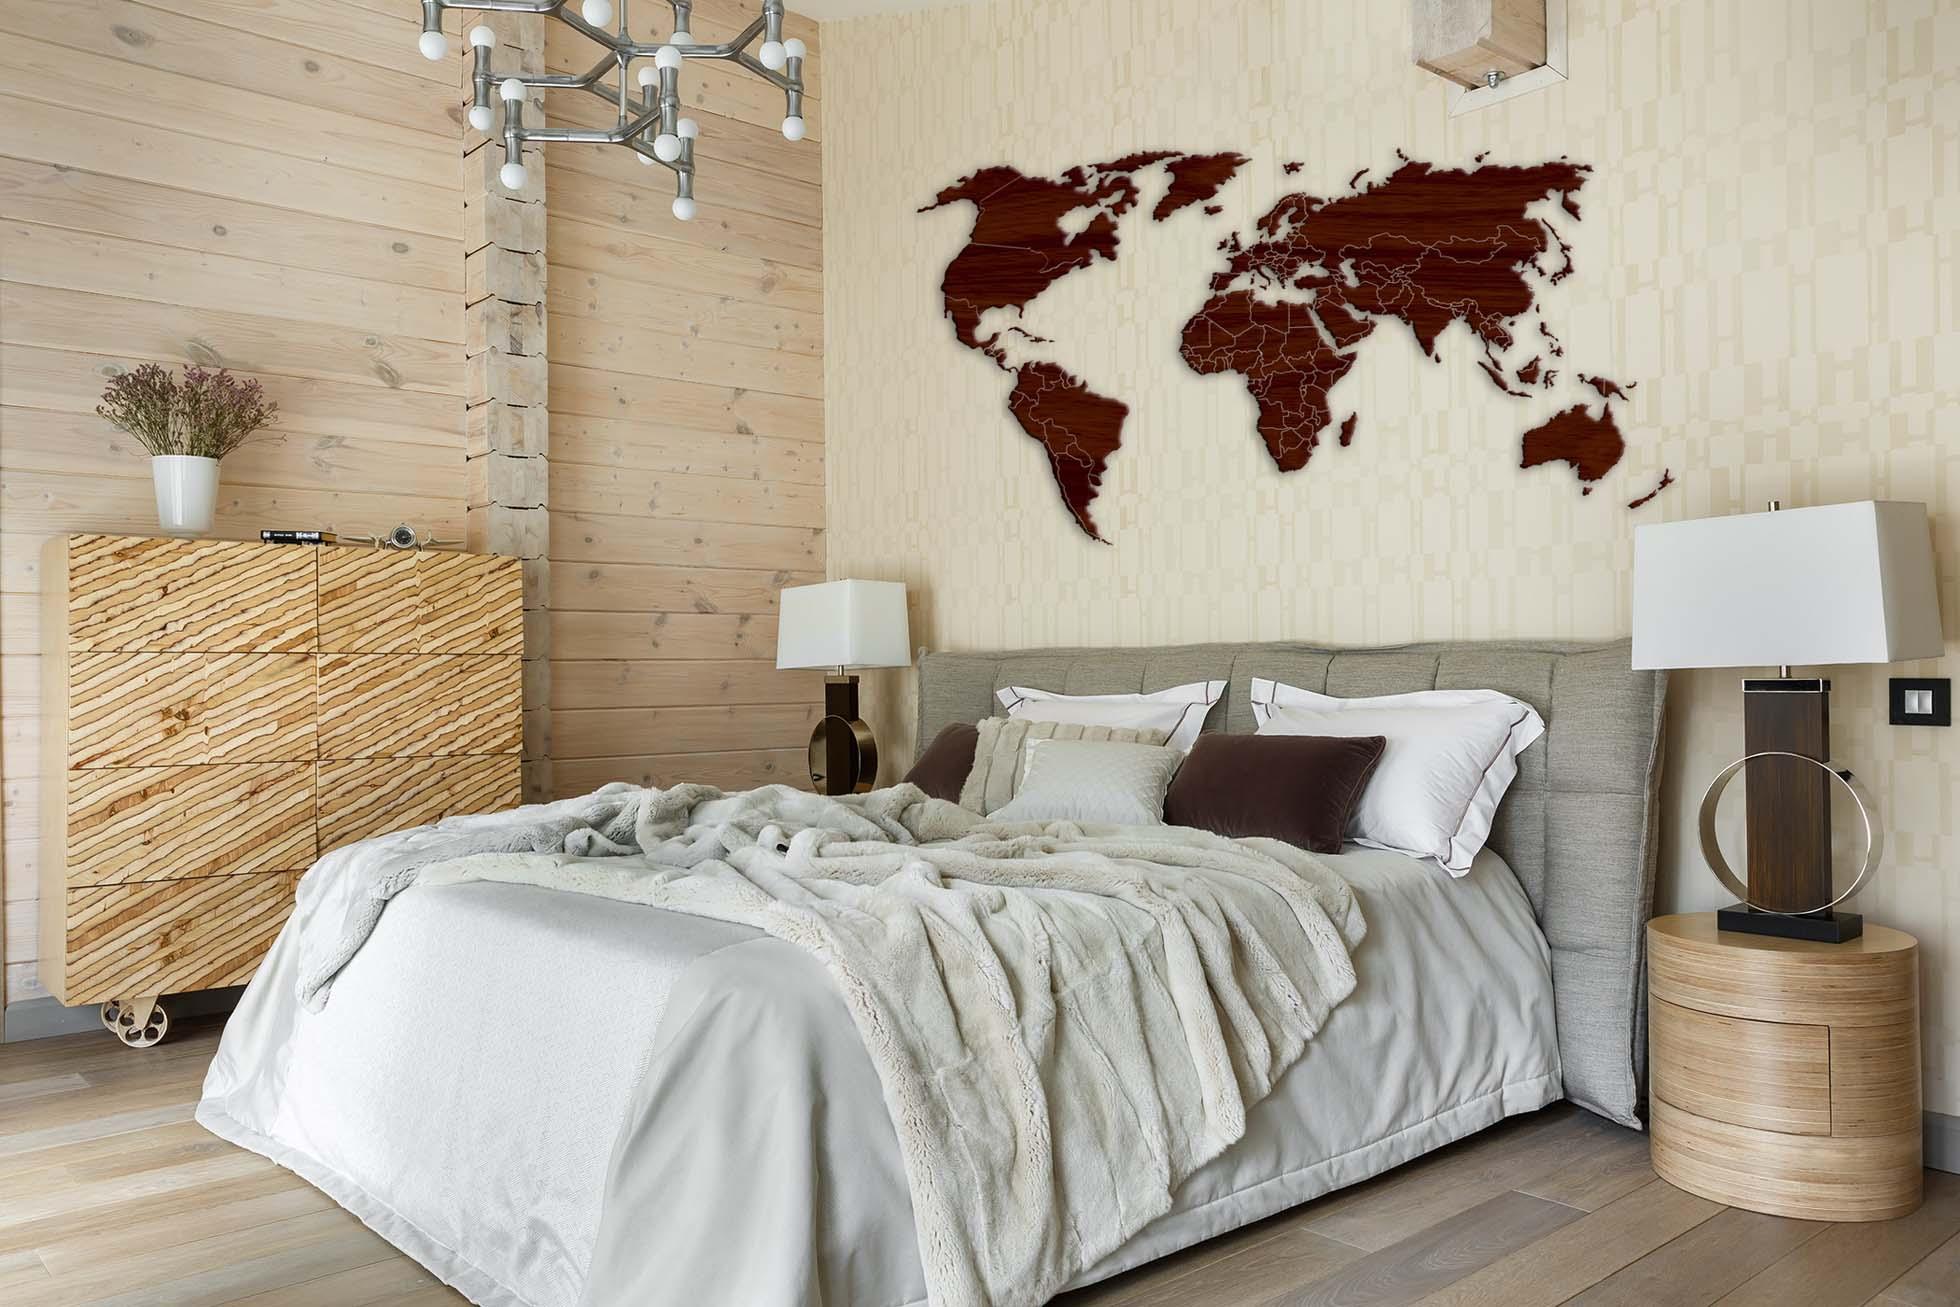 Над кроватью карта мира